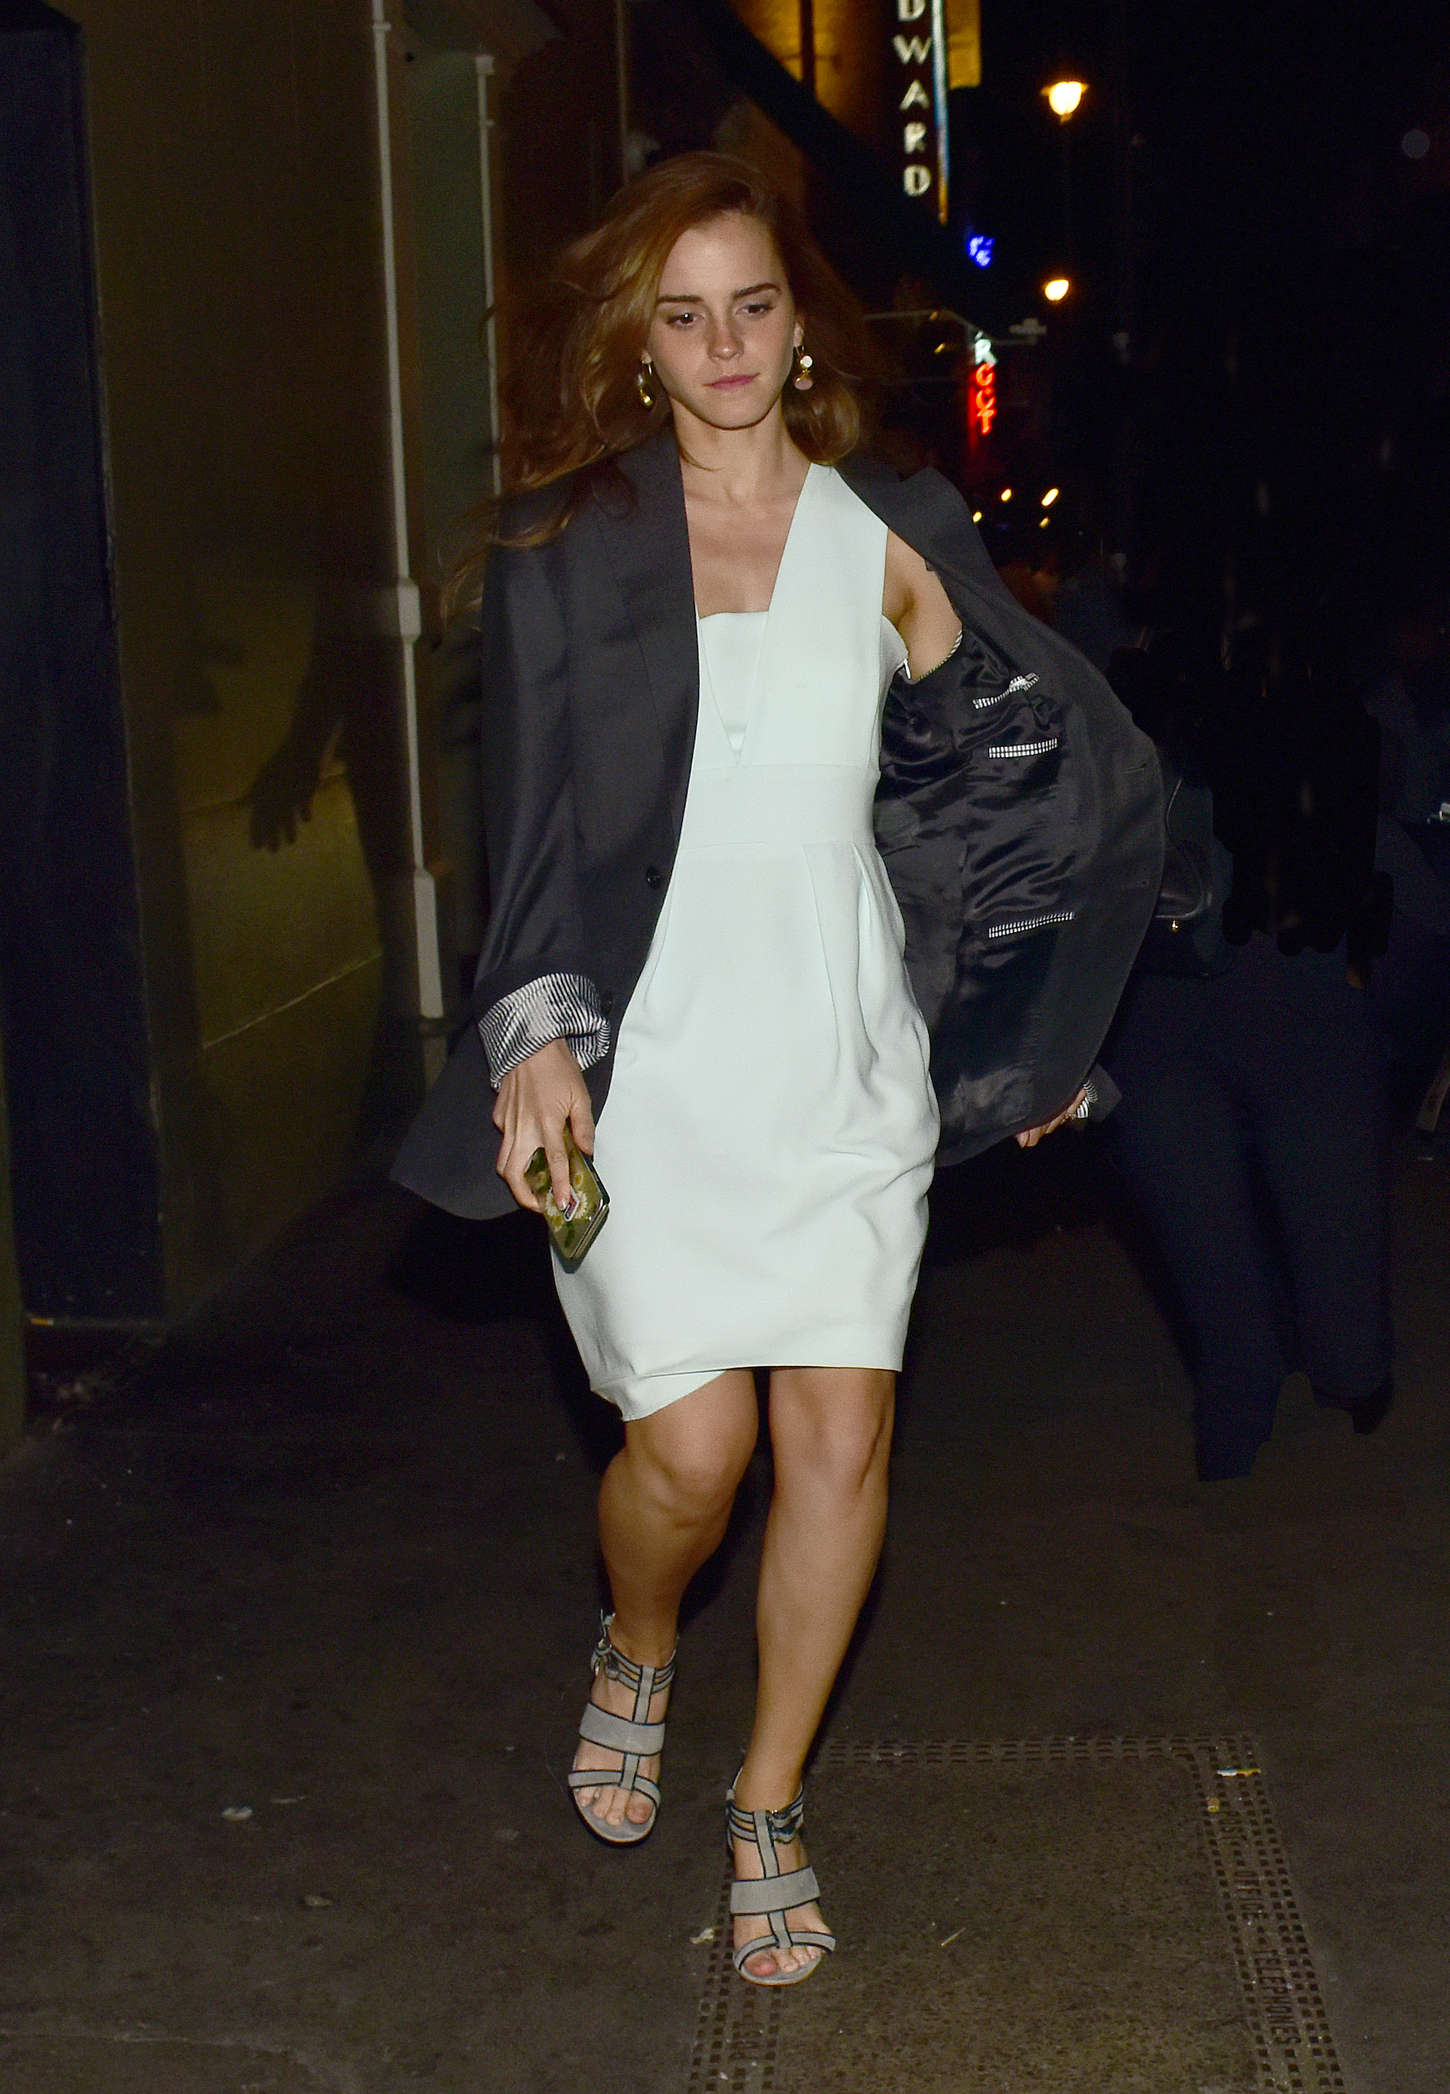 Emma Watson in Mini Dress Out in London